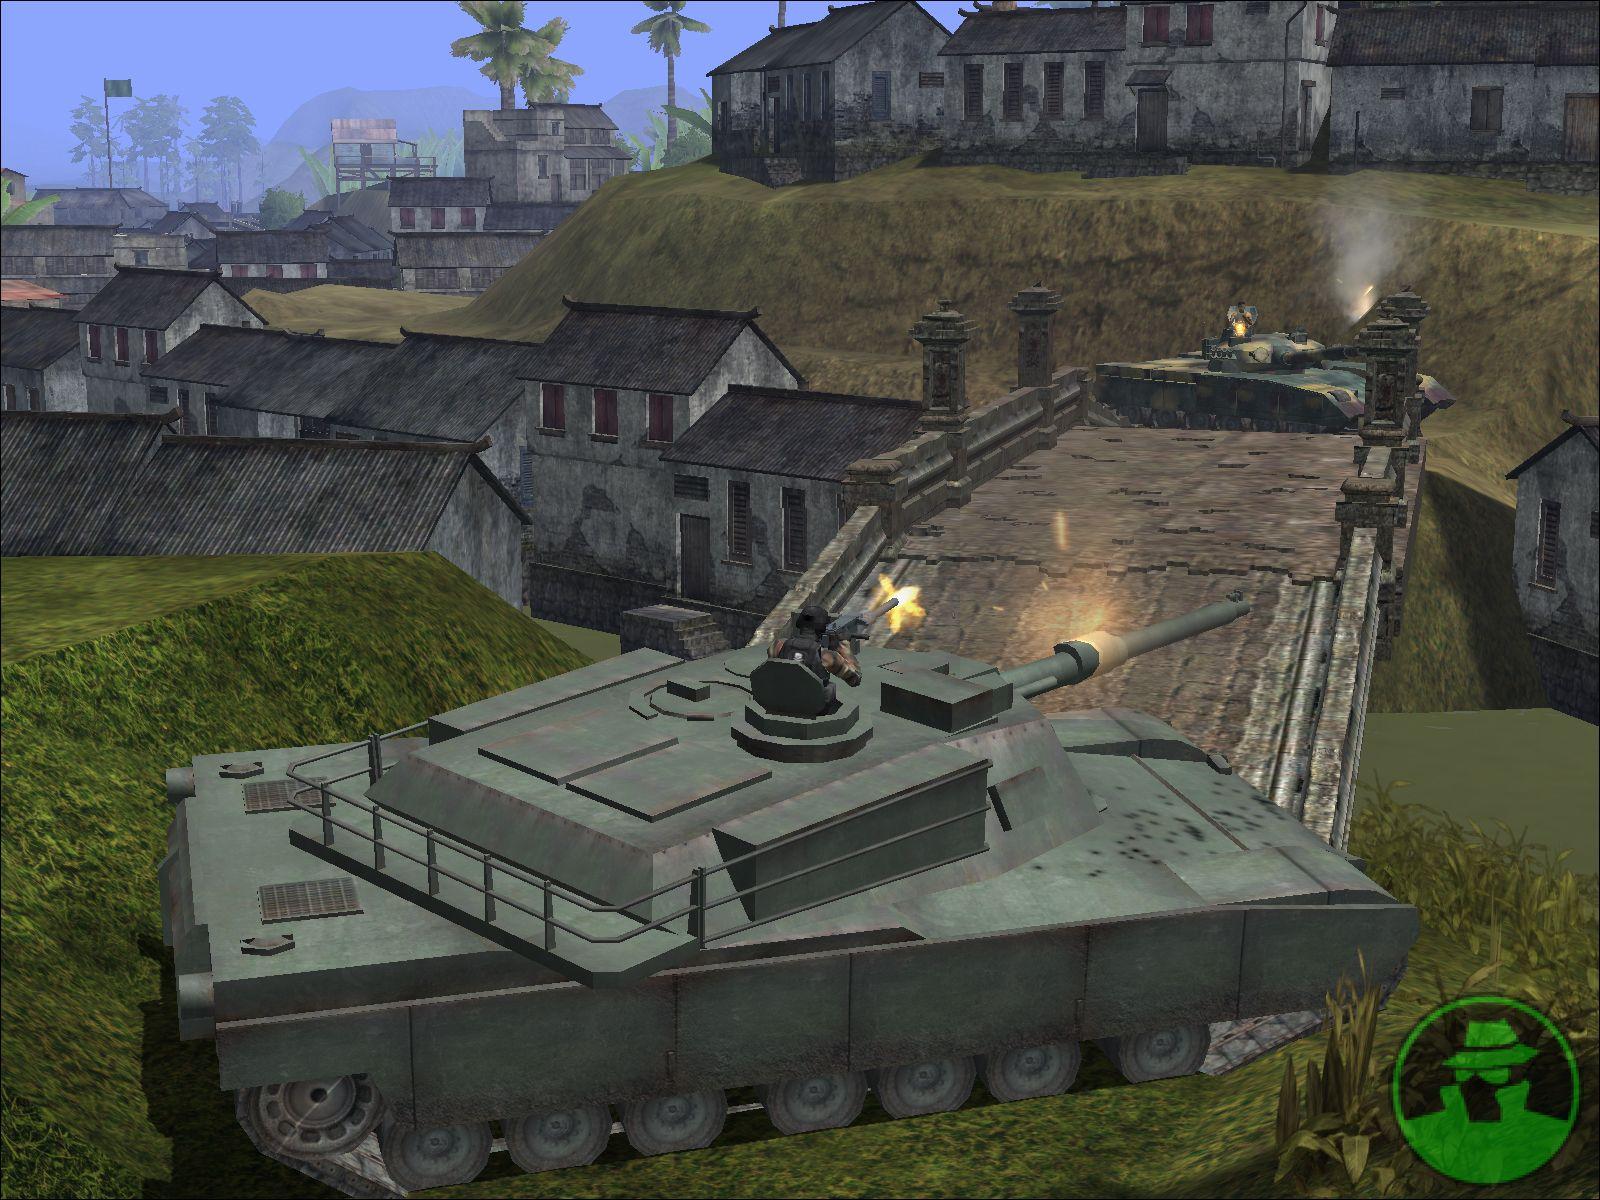 اللعبه الاستراتيجيه الحربيه الاكثر من رائعه Joint Operations